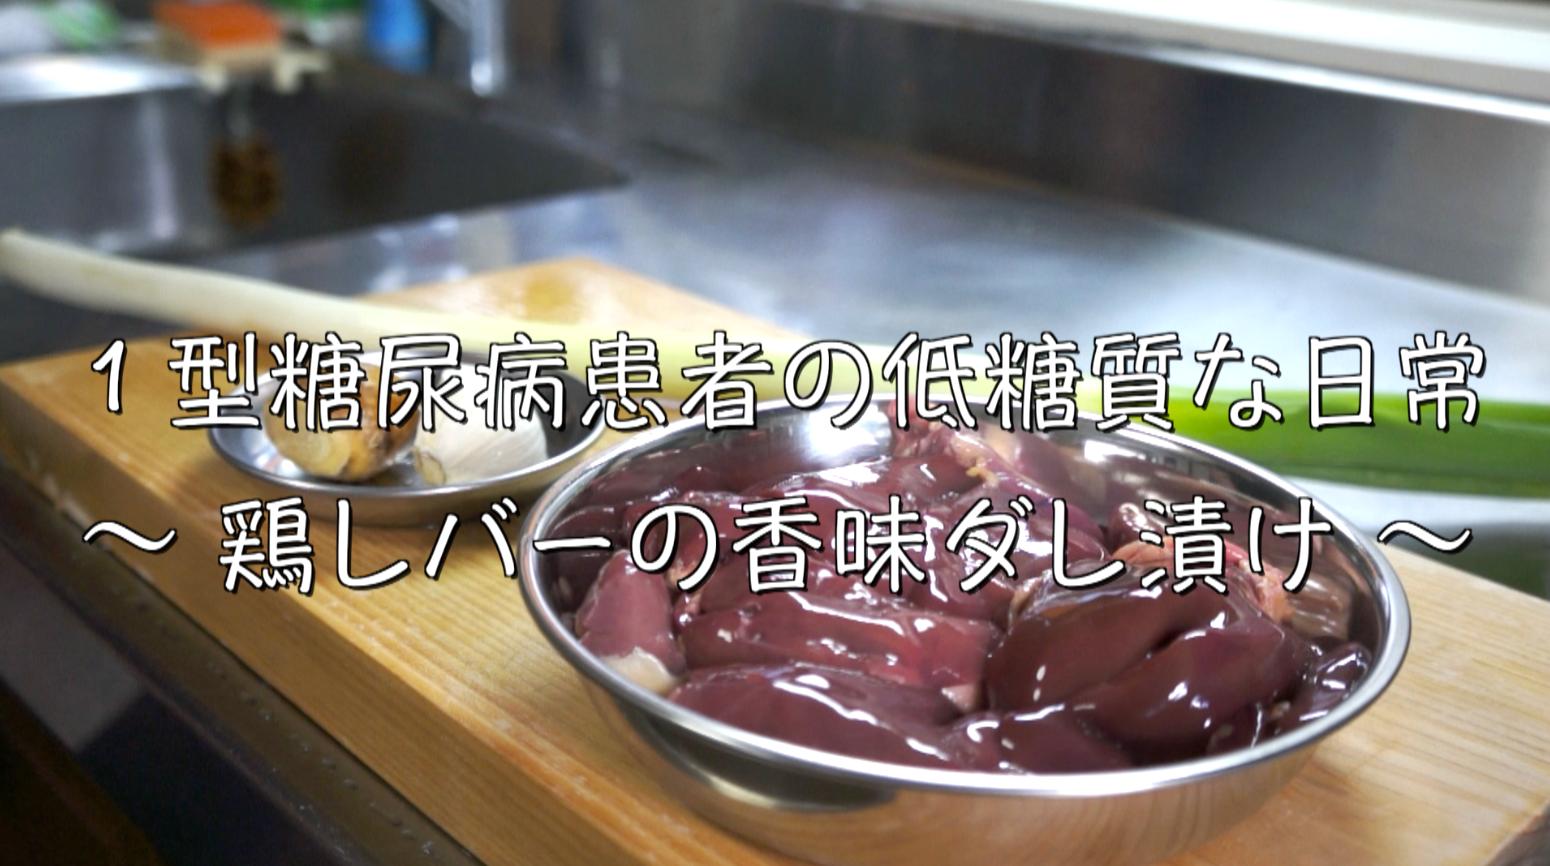 鶏レバー レシピ 低糖質 糖質制限